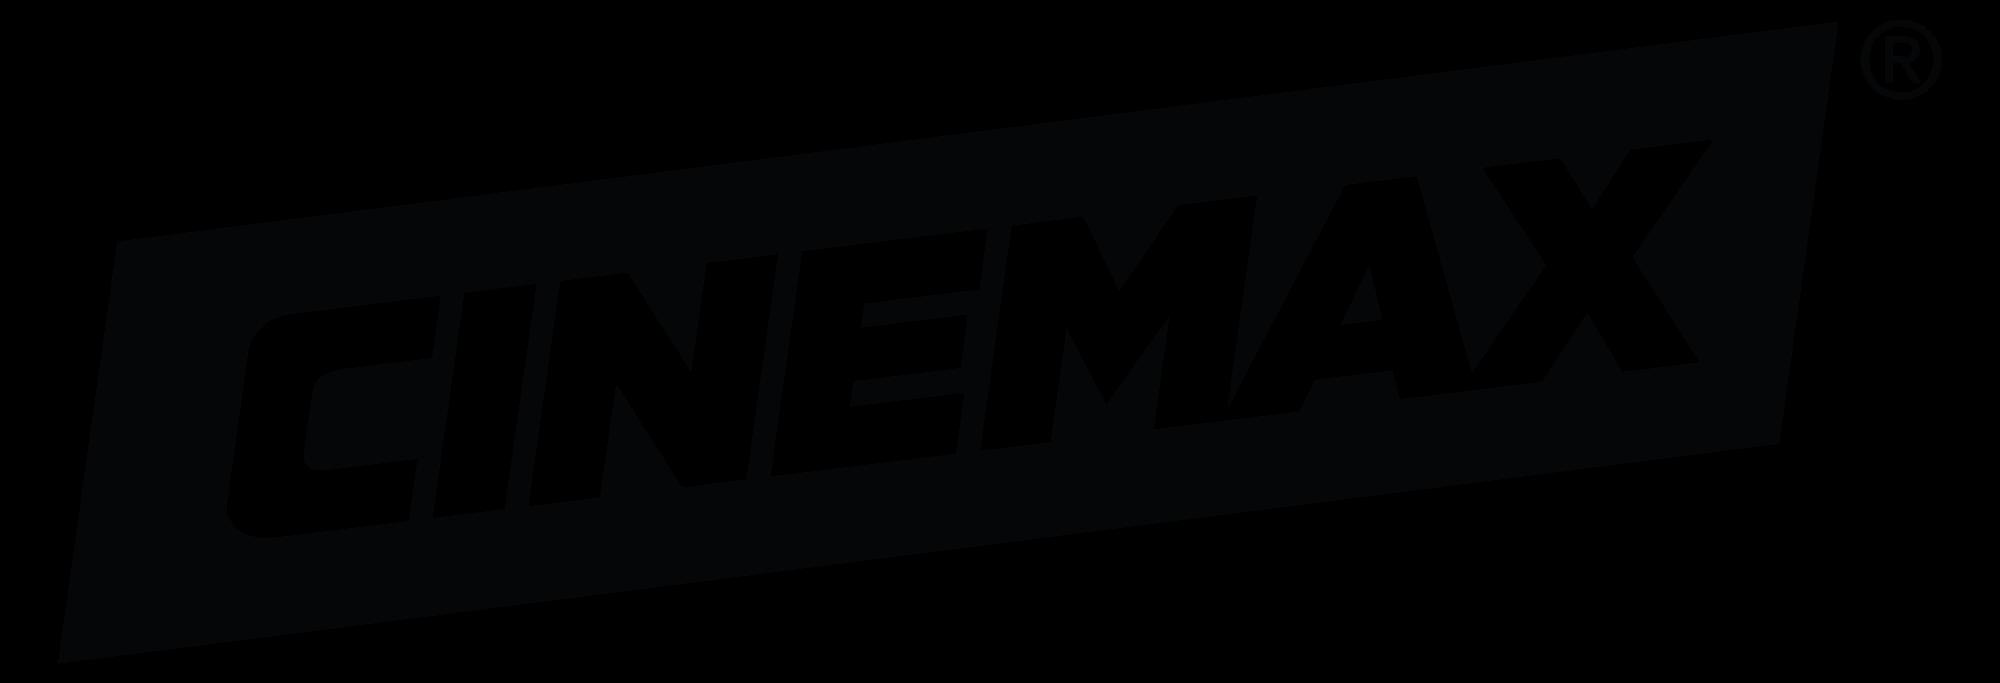 Cinemax TV Channel | Premium Channel | DISH Satellite TV